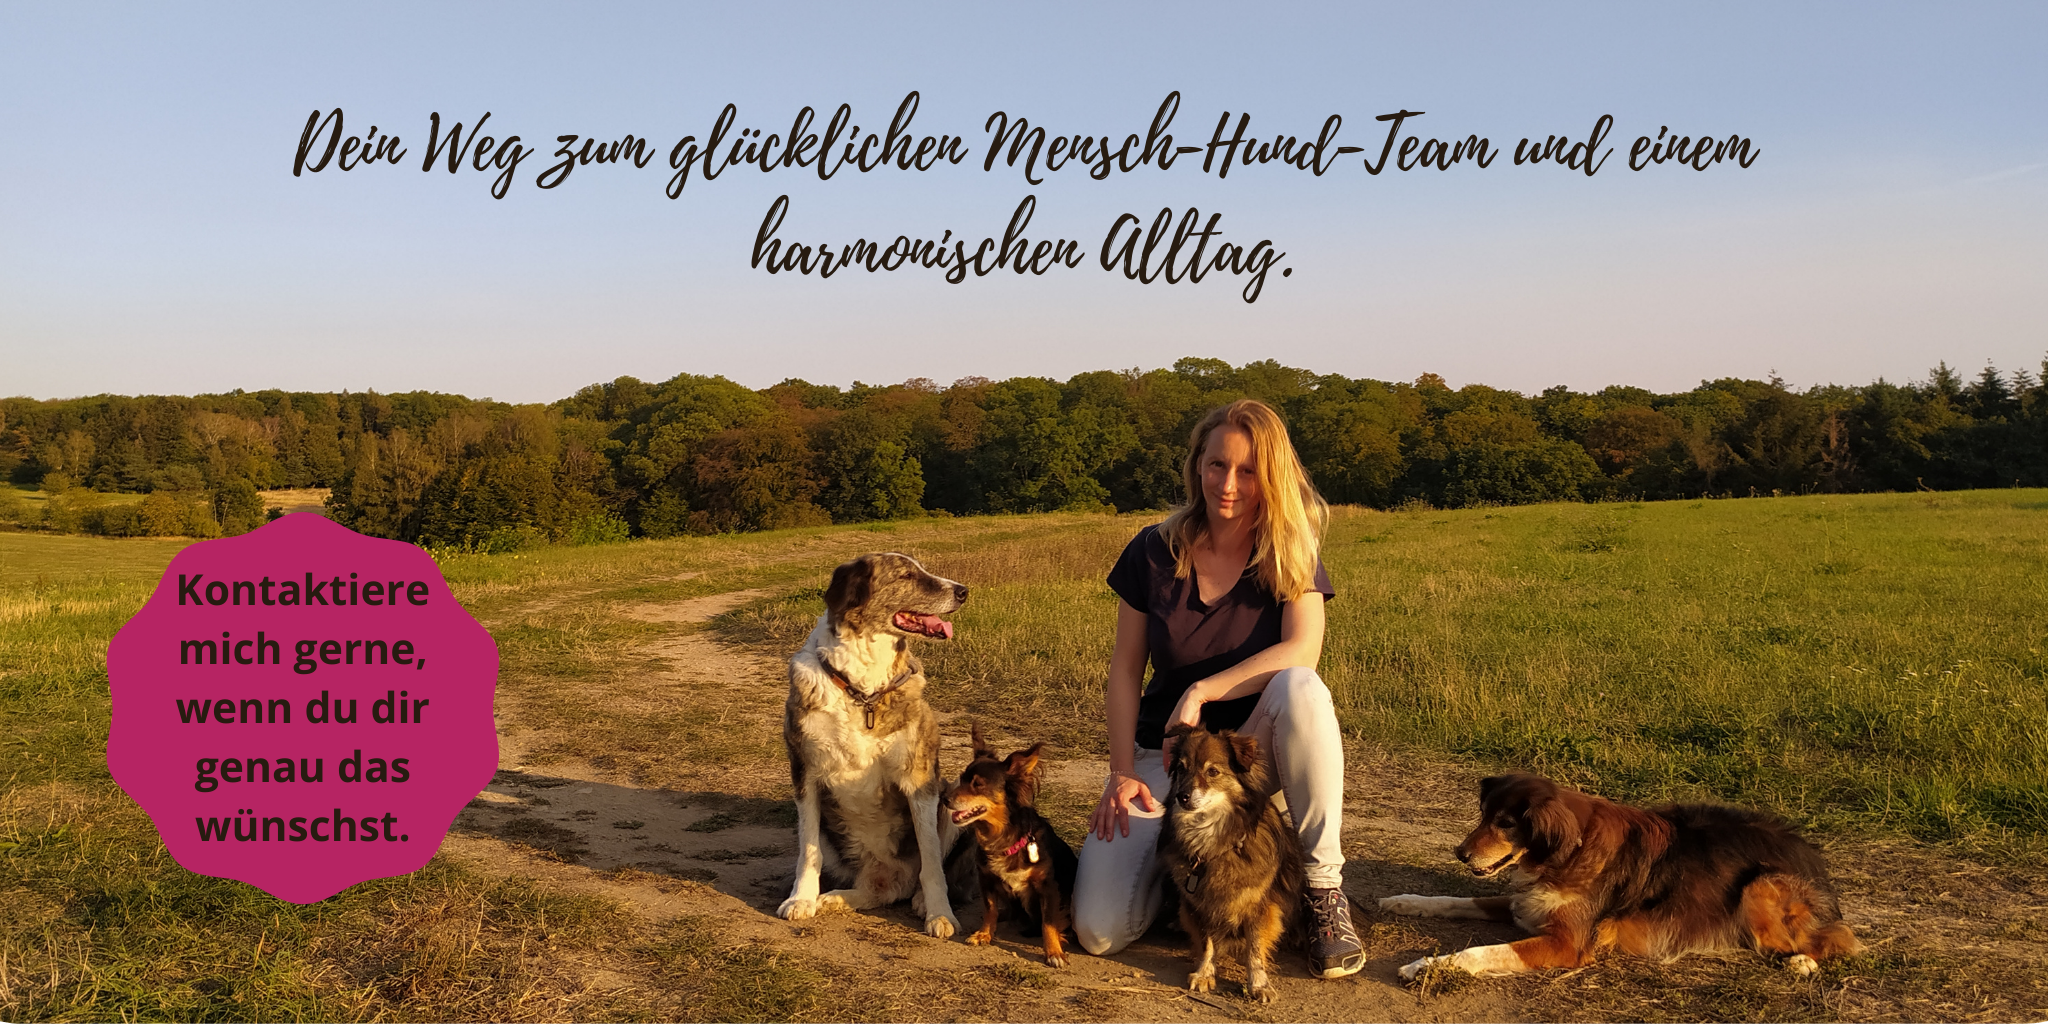 Dein Weg zum glücklichen Mensch-Hund-Team und einem harmonsichen Alltag. (1)